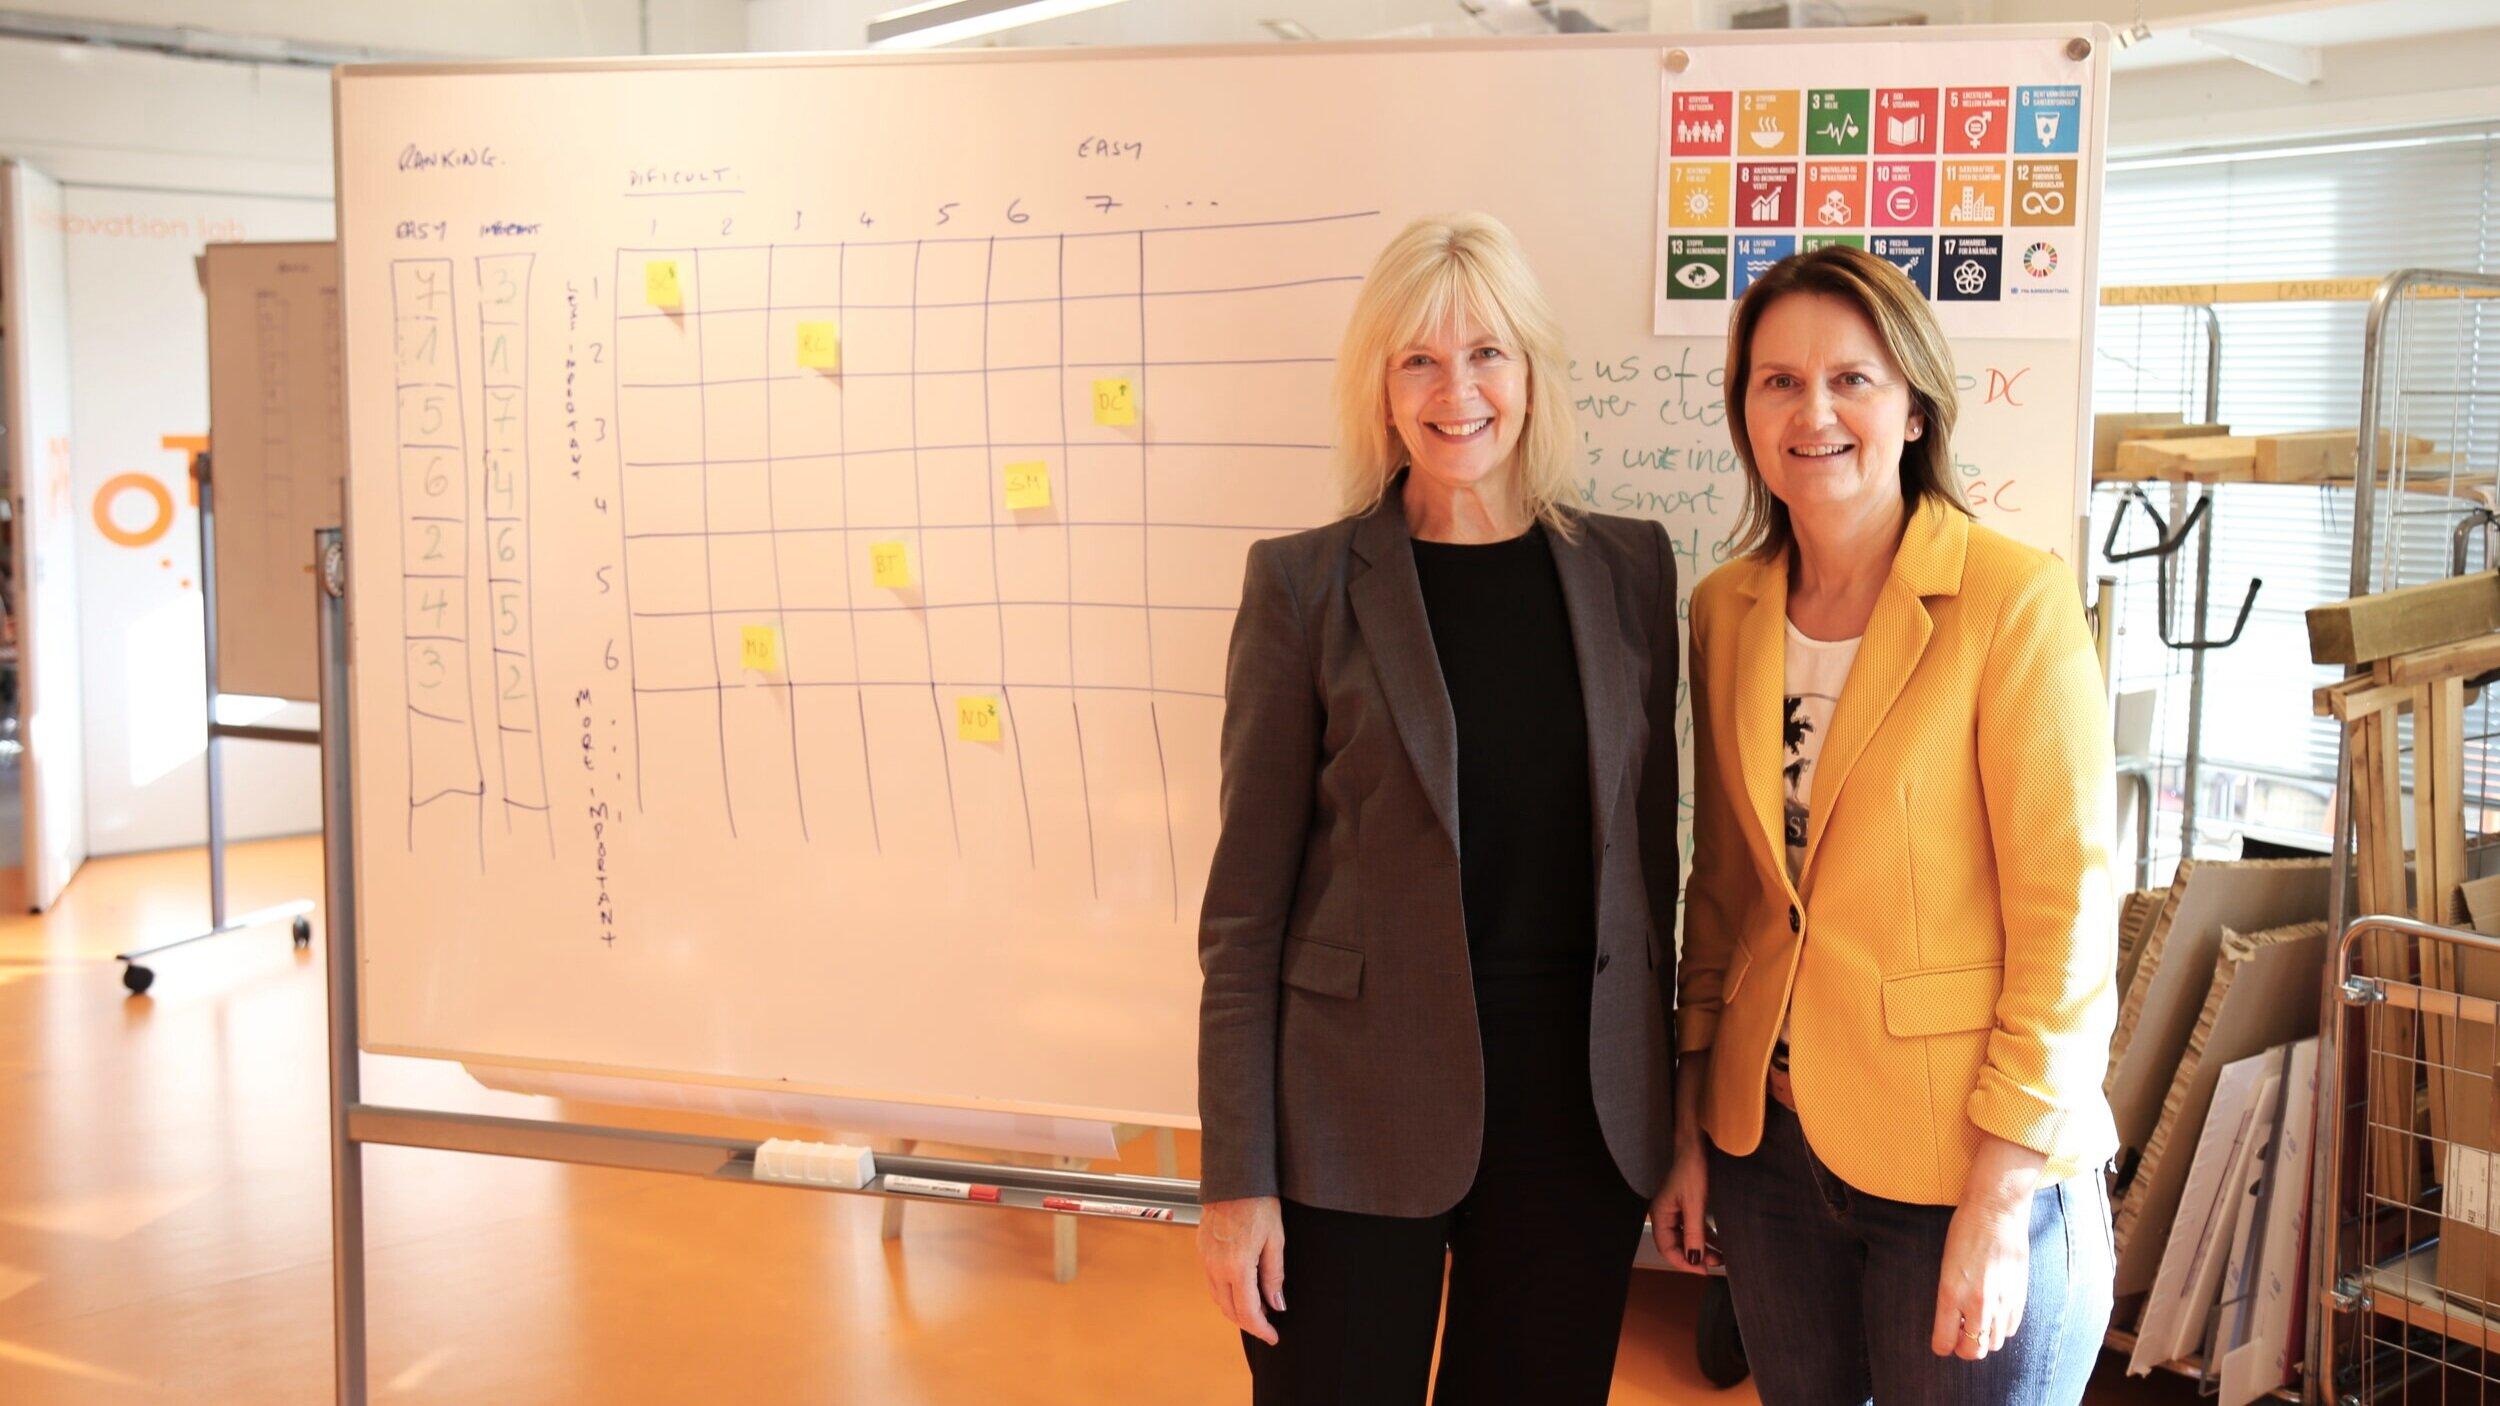 Fra venstre: Trude Margell, kommunikasjonssjef og Gunhild Sjøvik, daglig leder i Cinderella Eco Group.